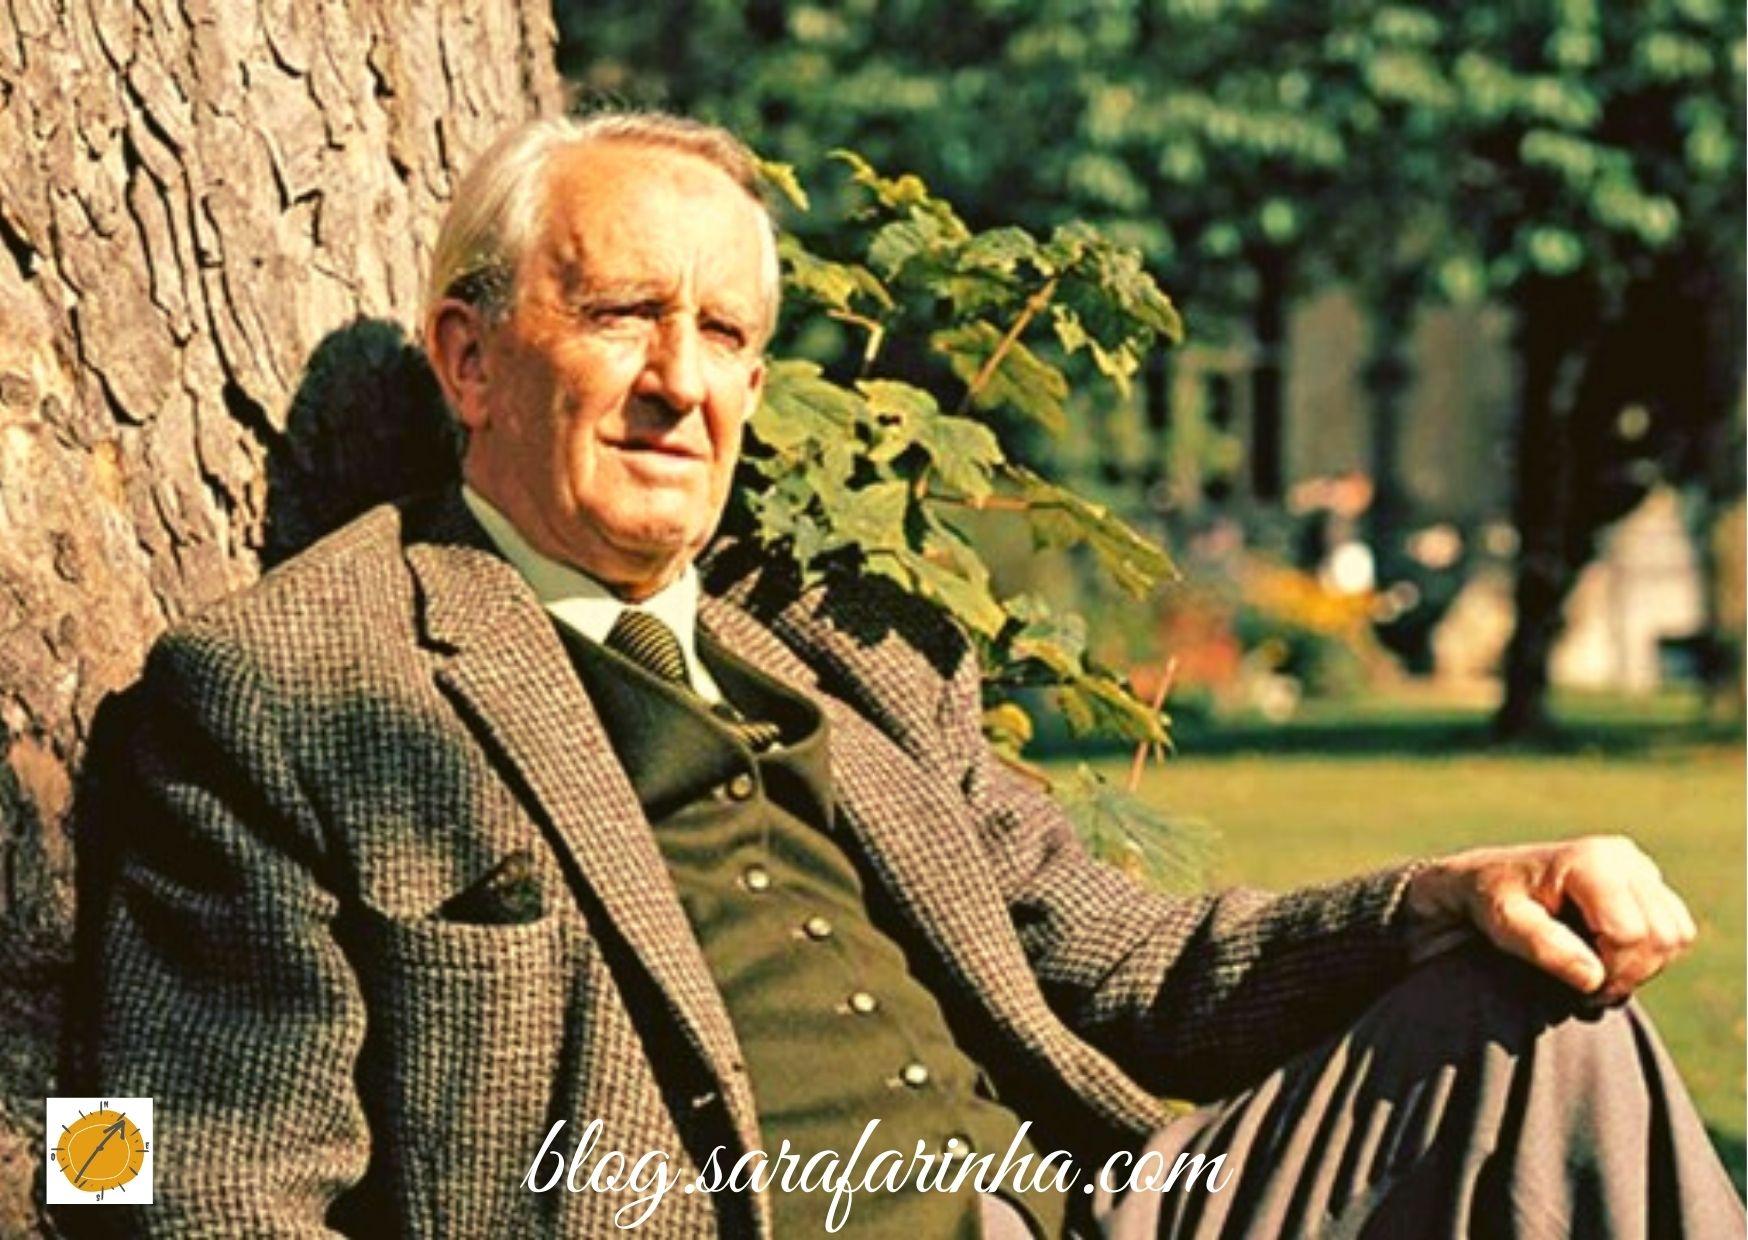 Tolkien smiling